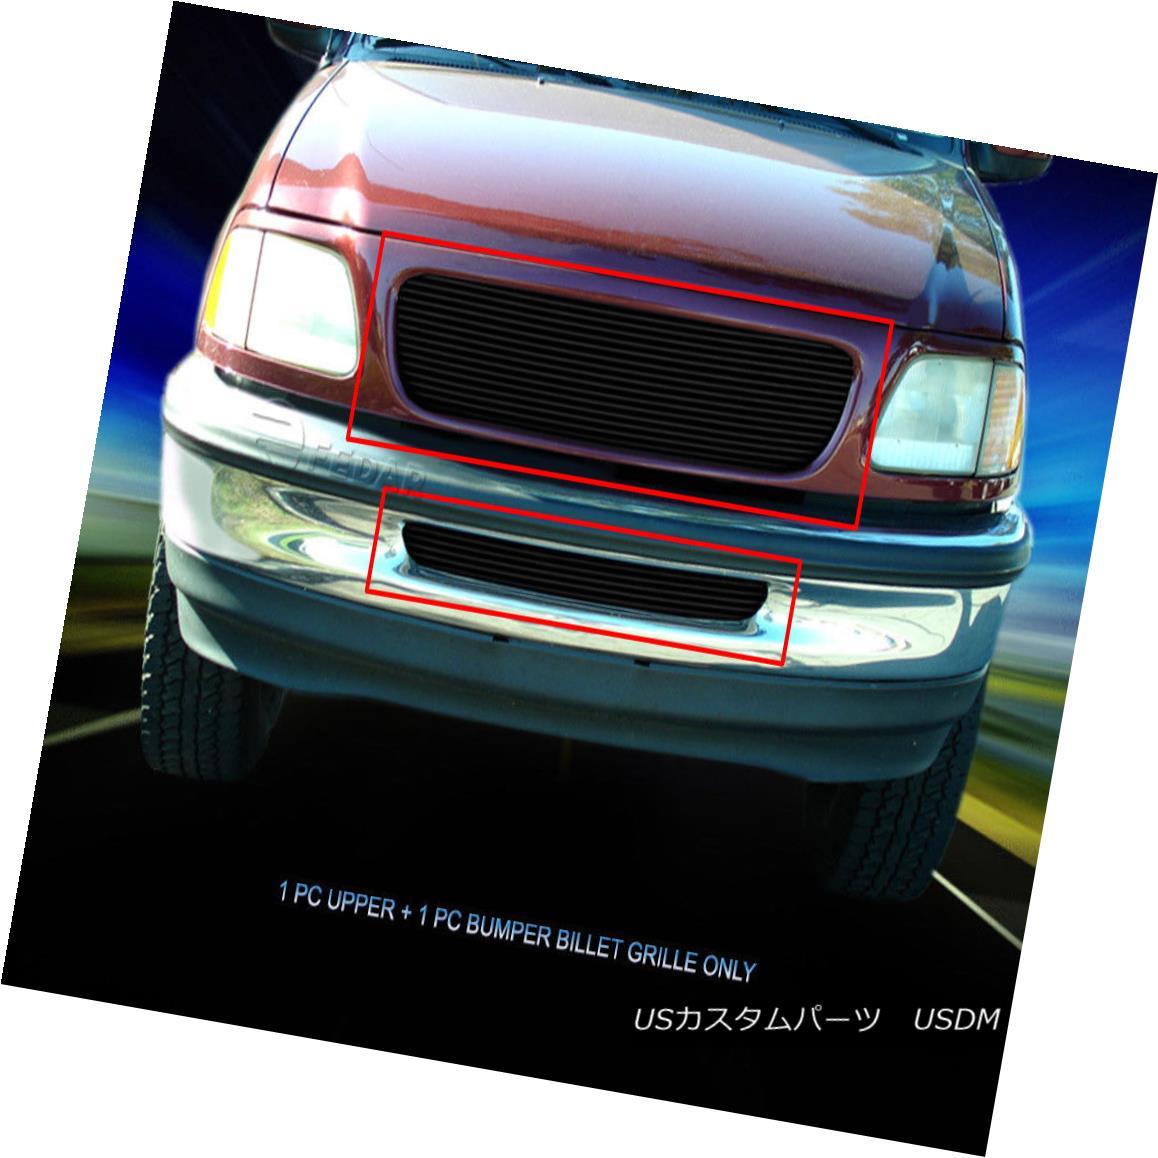 グリル 97-98 Ford F-150 2WD Black Billet Grille Grill Combo Insert Fedar 97-98フォードF-150 2WDブラックビレットグリルグリルコンボインサートフェルダ